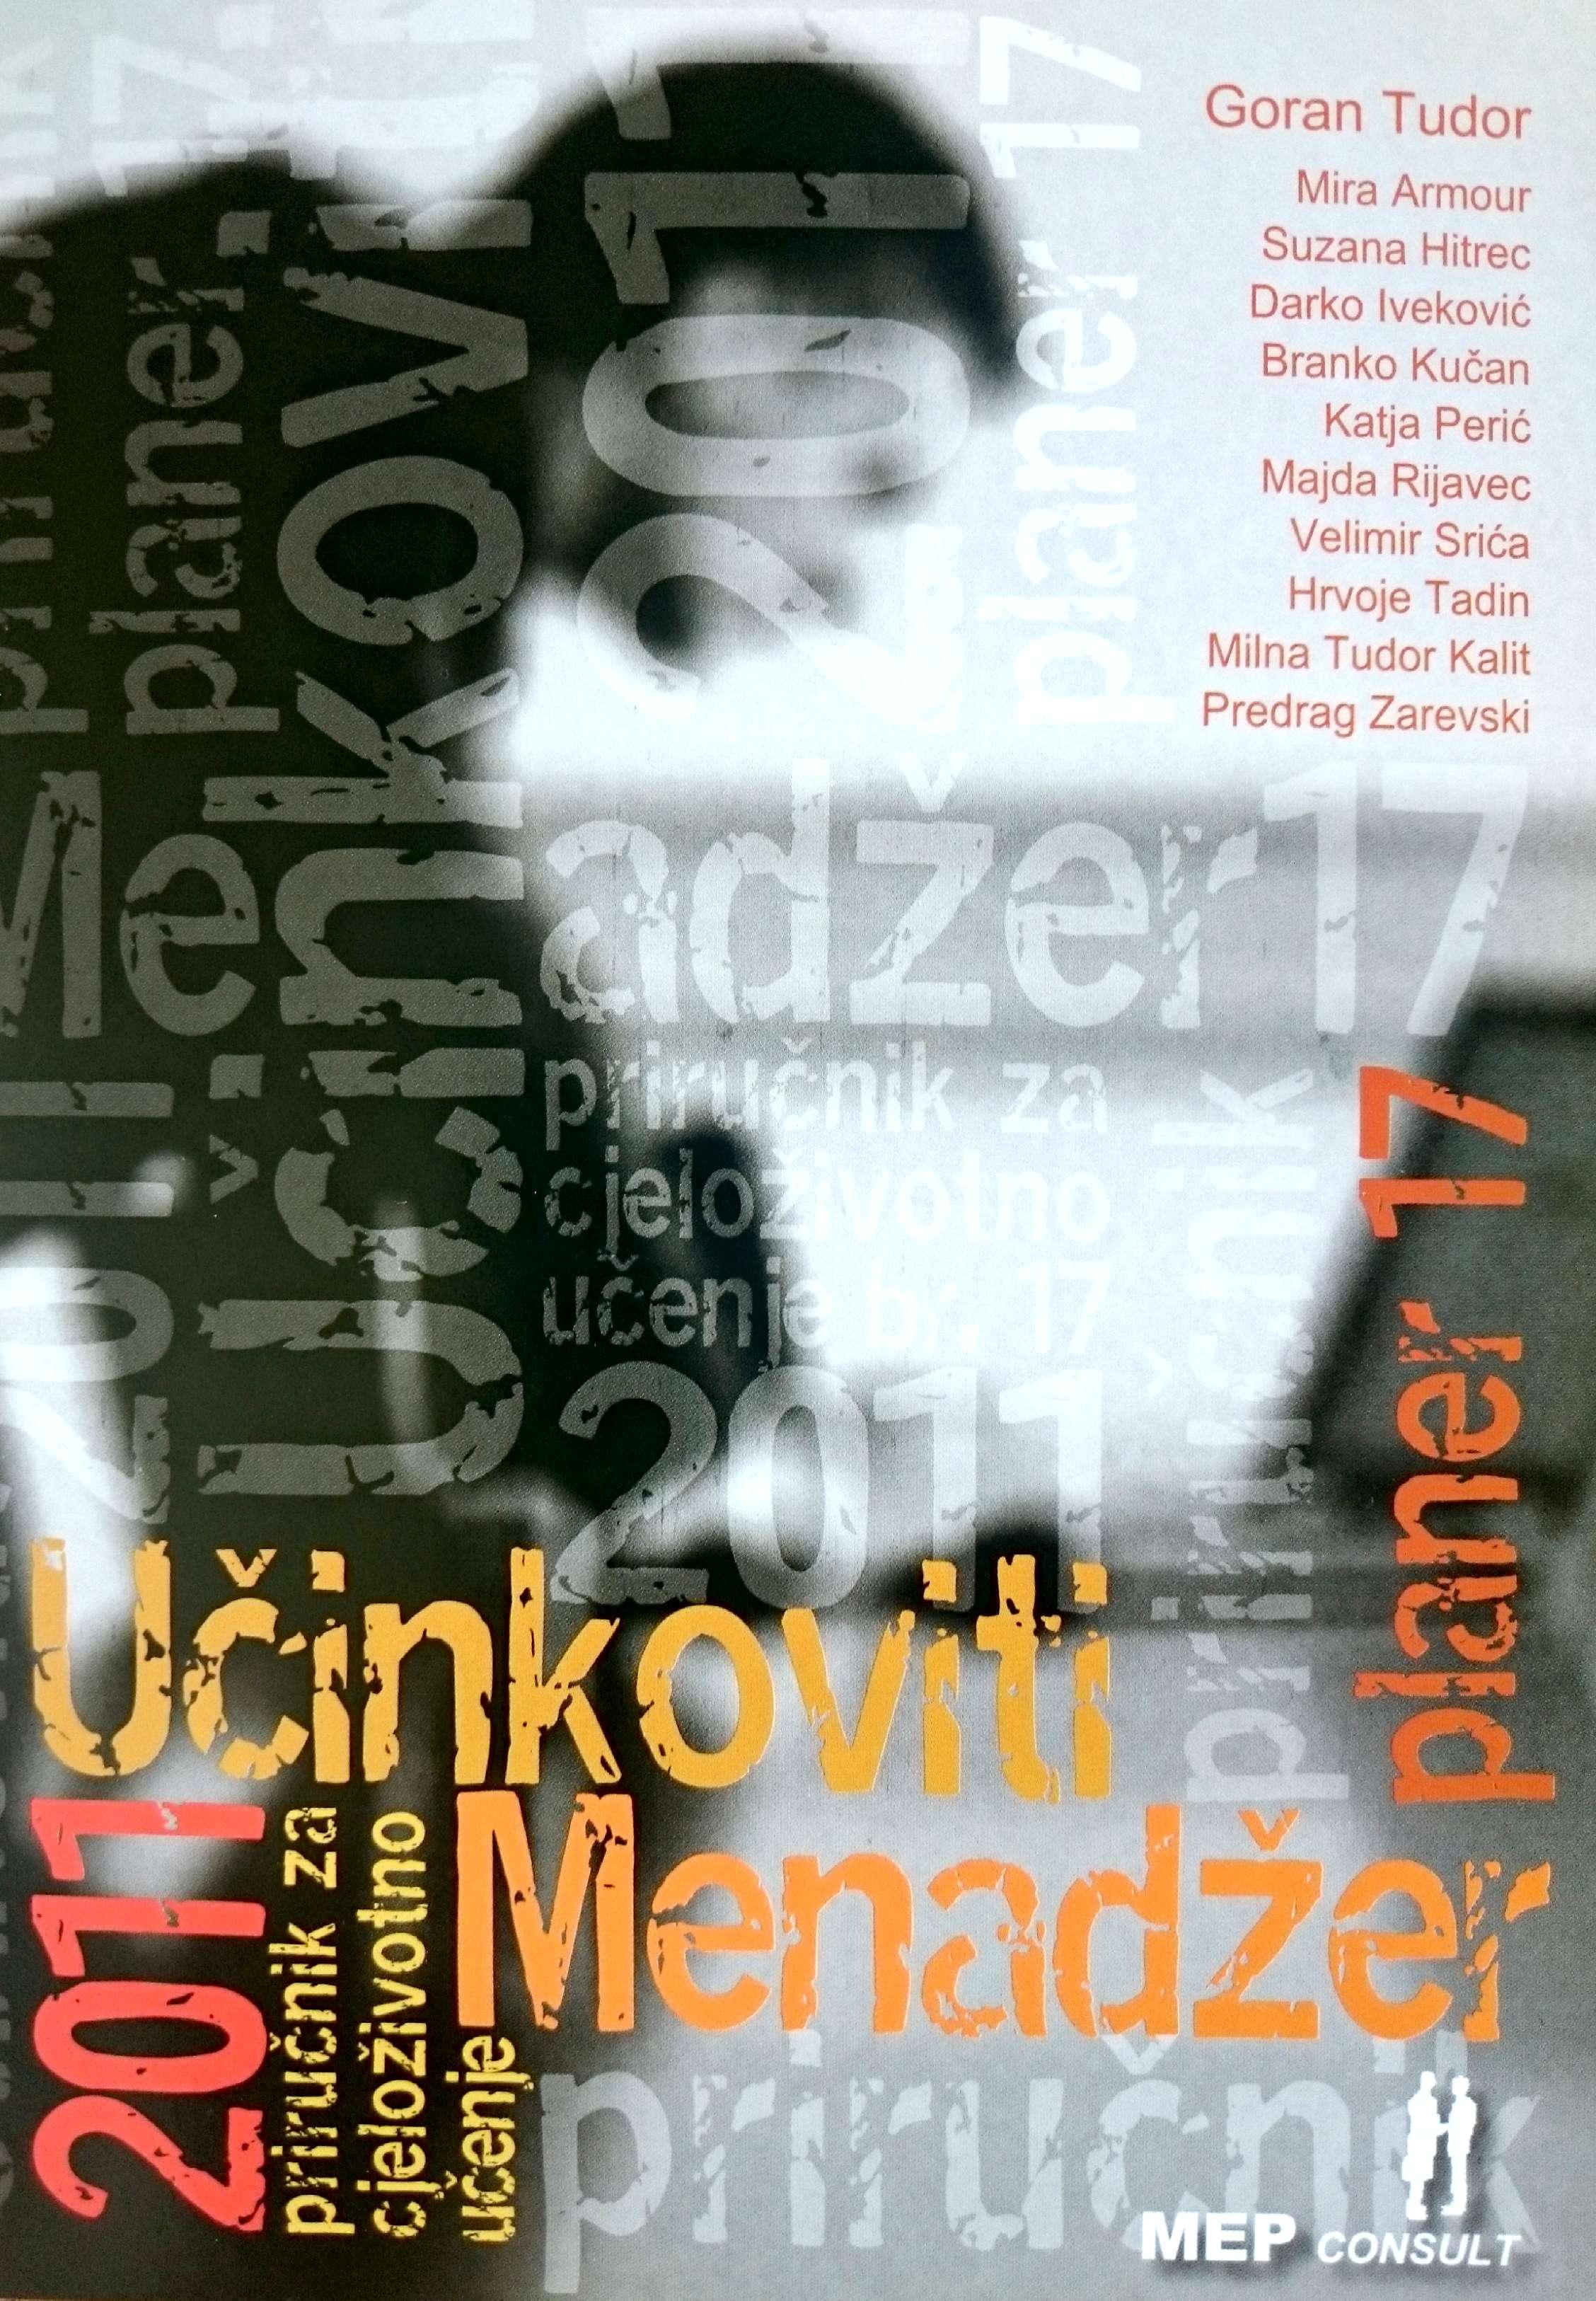 UČINKOVITI MENADŽER 2011 - Naruči svoju knjigu